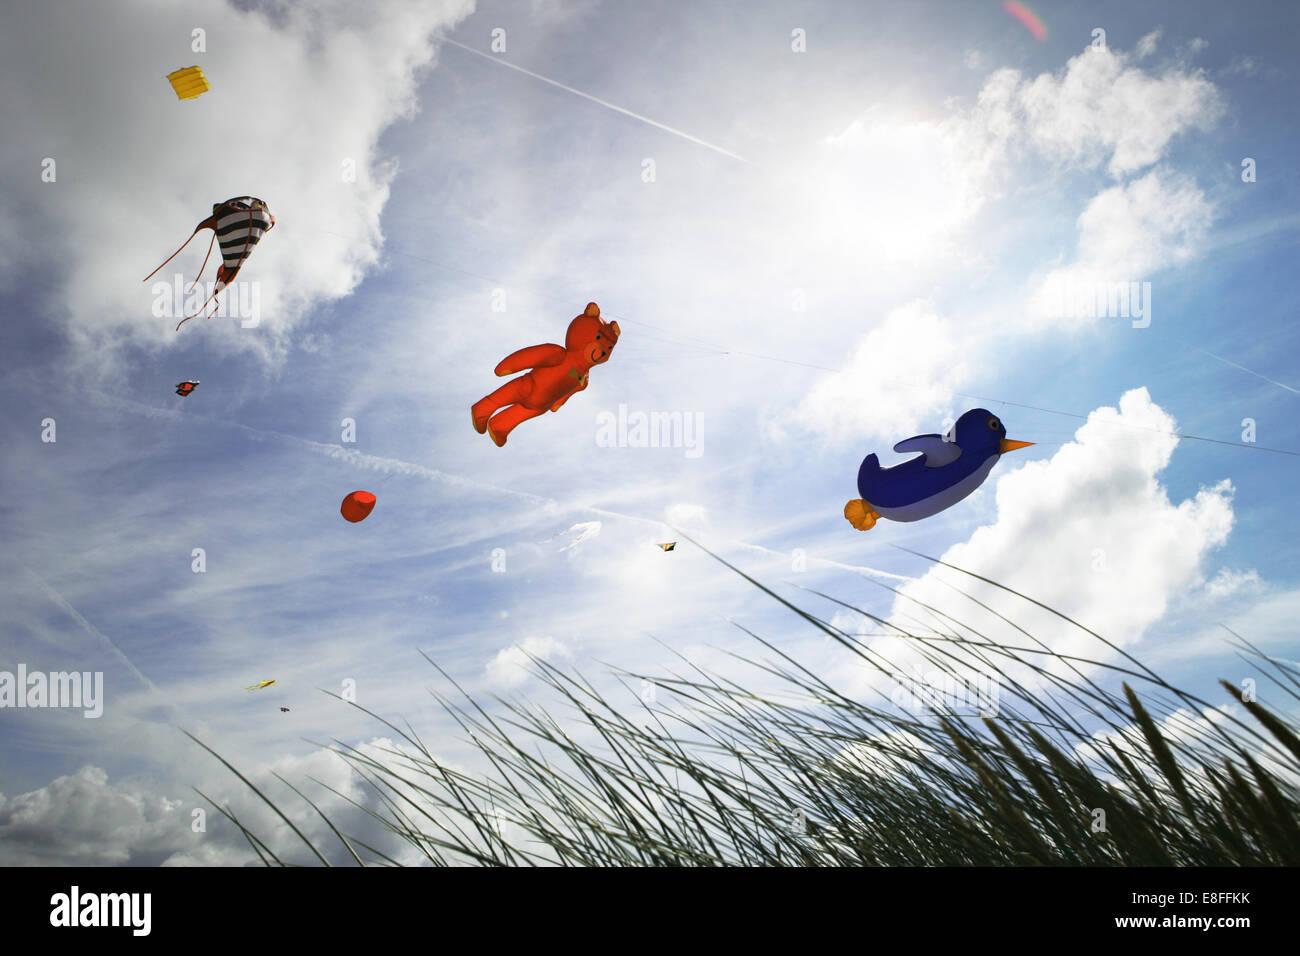 Basso angolo di visione degli aquiloni volare al kite festival, Fanoe, Danimarca Immagini Stock